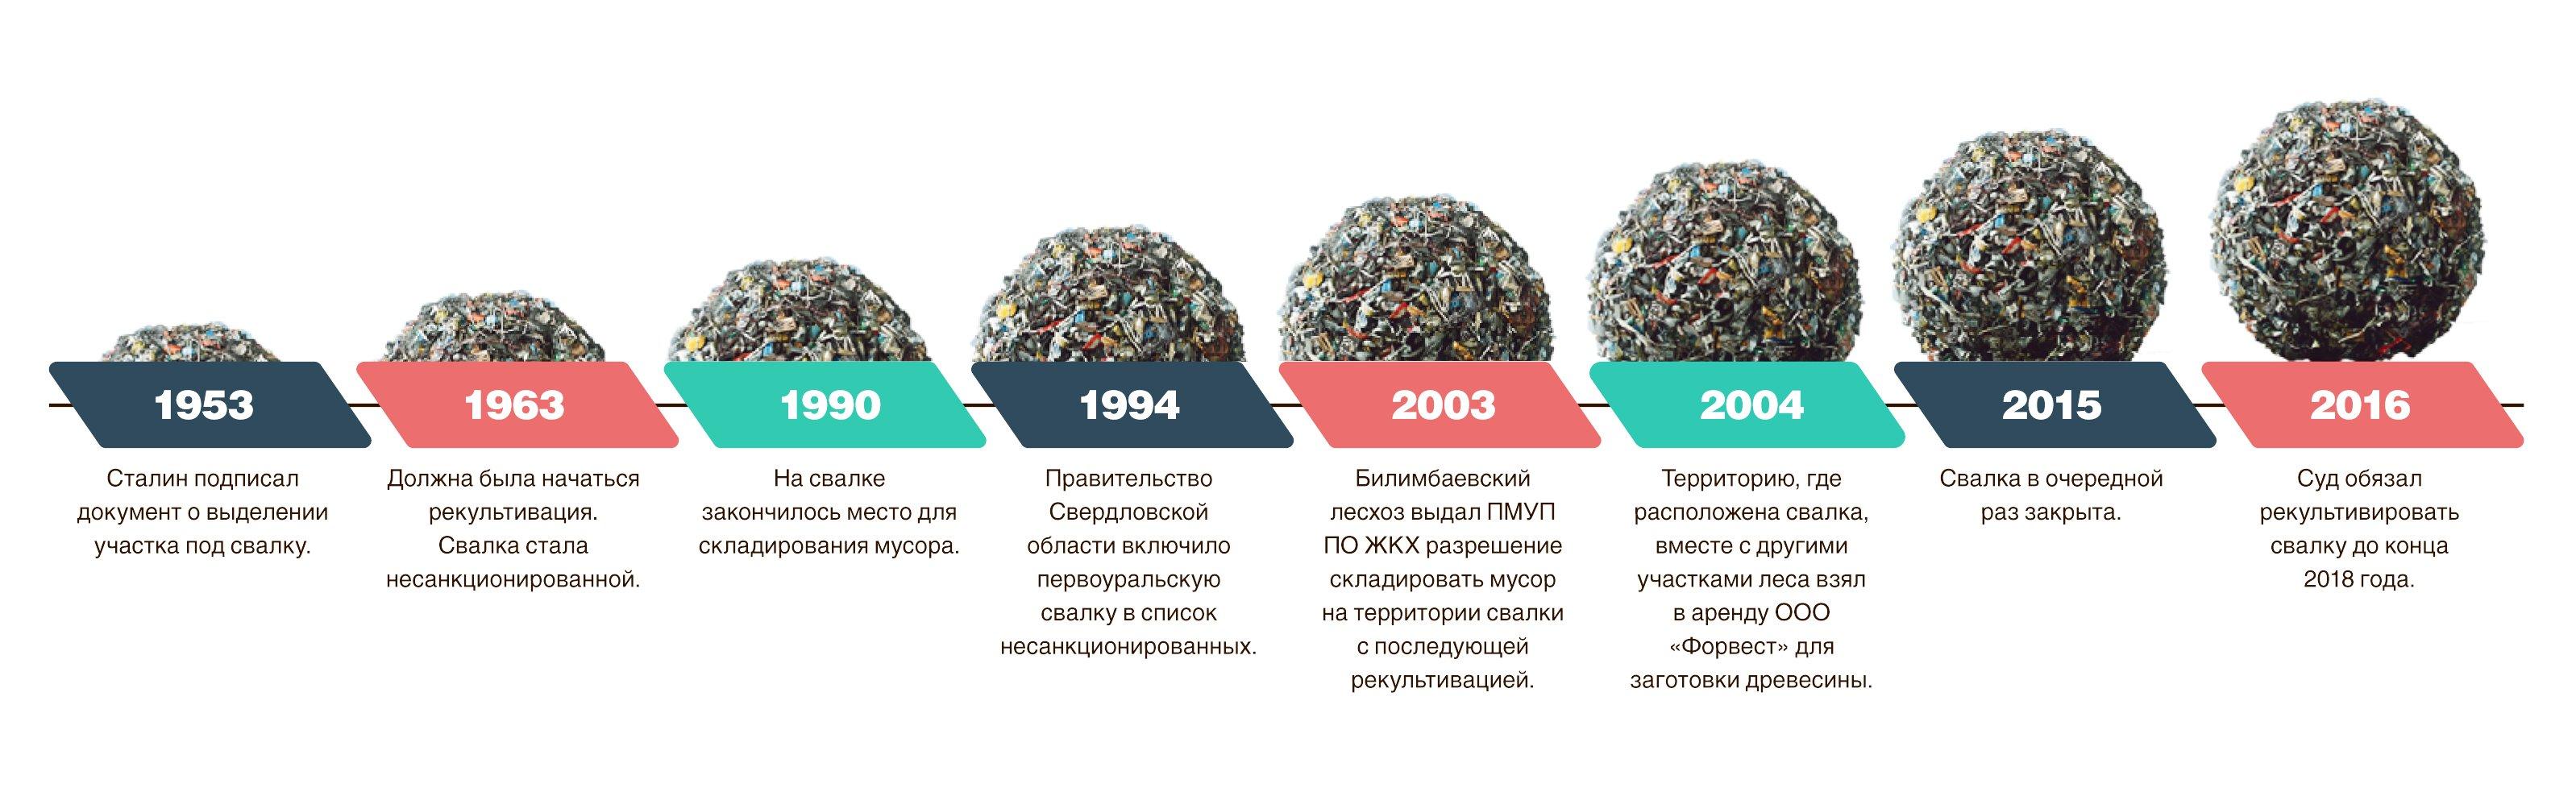 50 несанкционированных лет